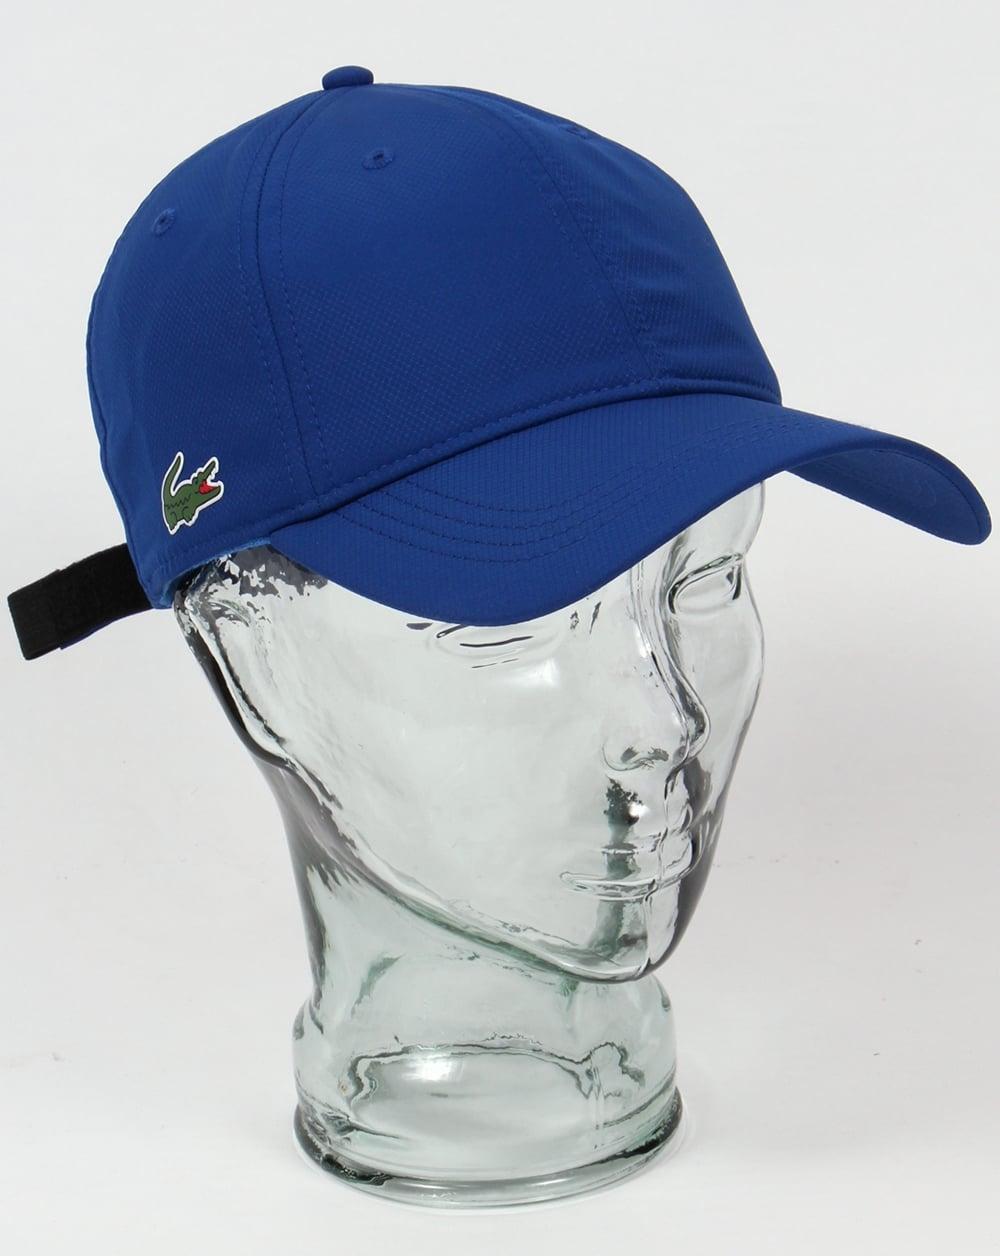 fd3c6f49158 Lacoste sport cap in royal baseball mens jpg 1000x1256 Lacoste sport hats